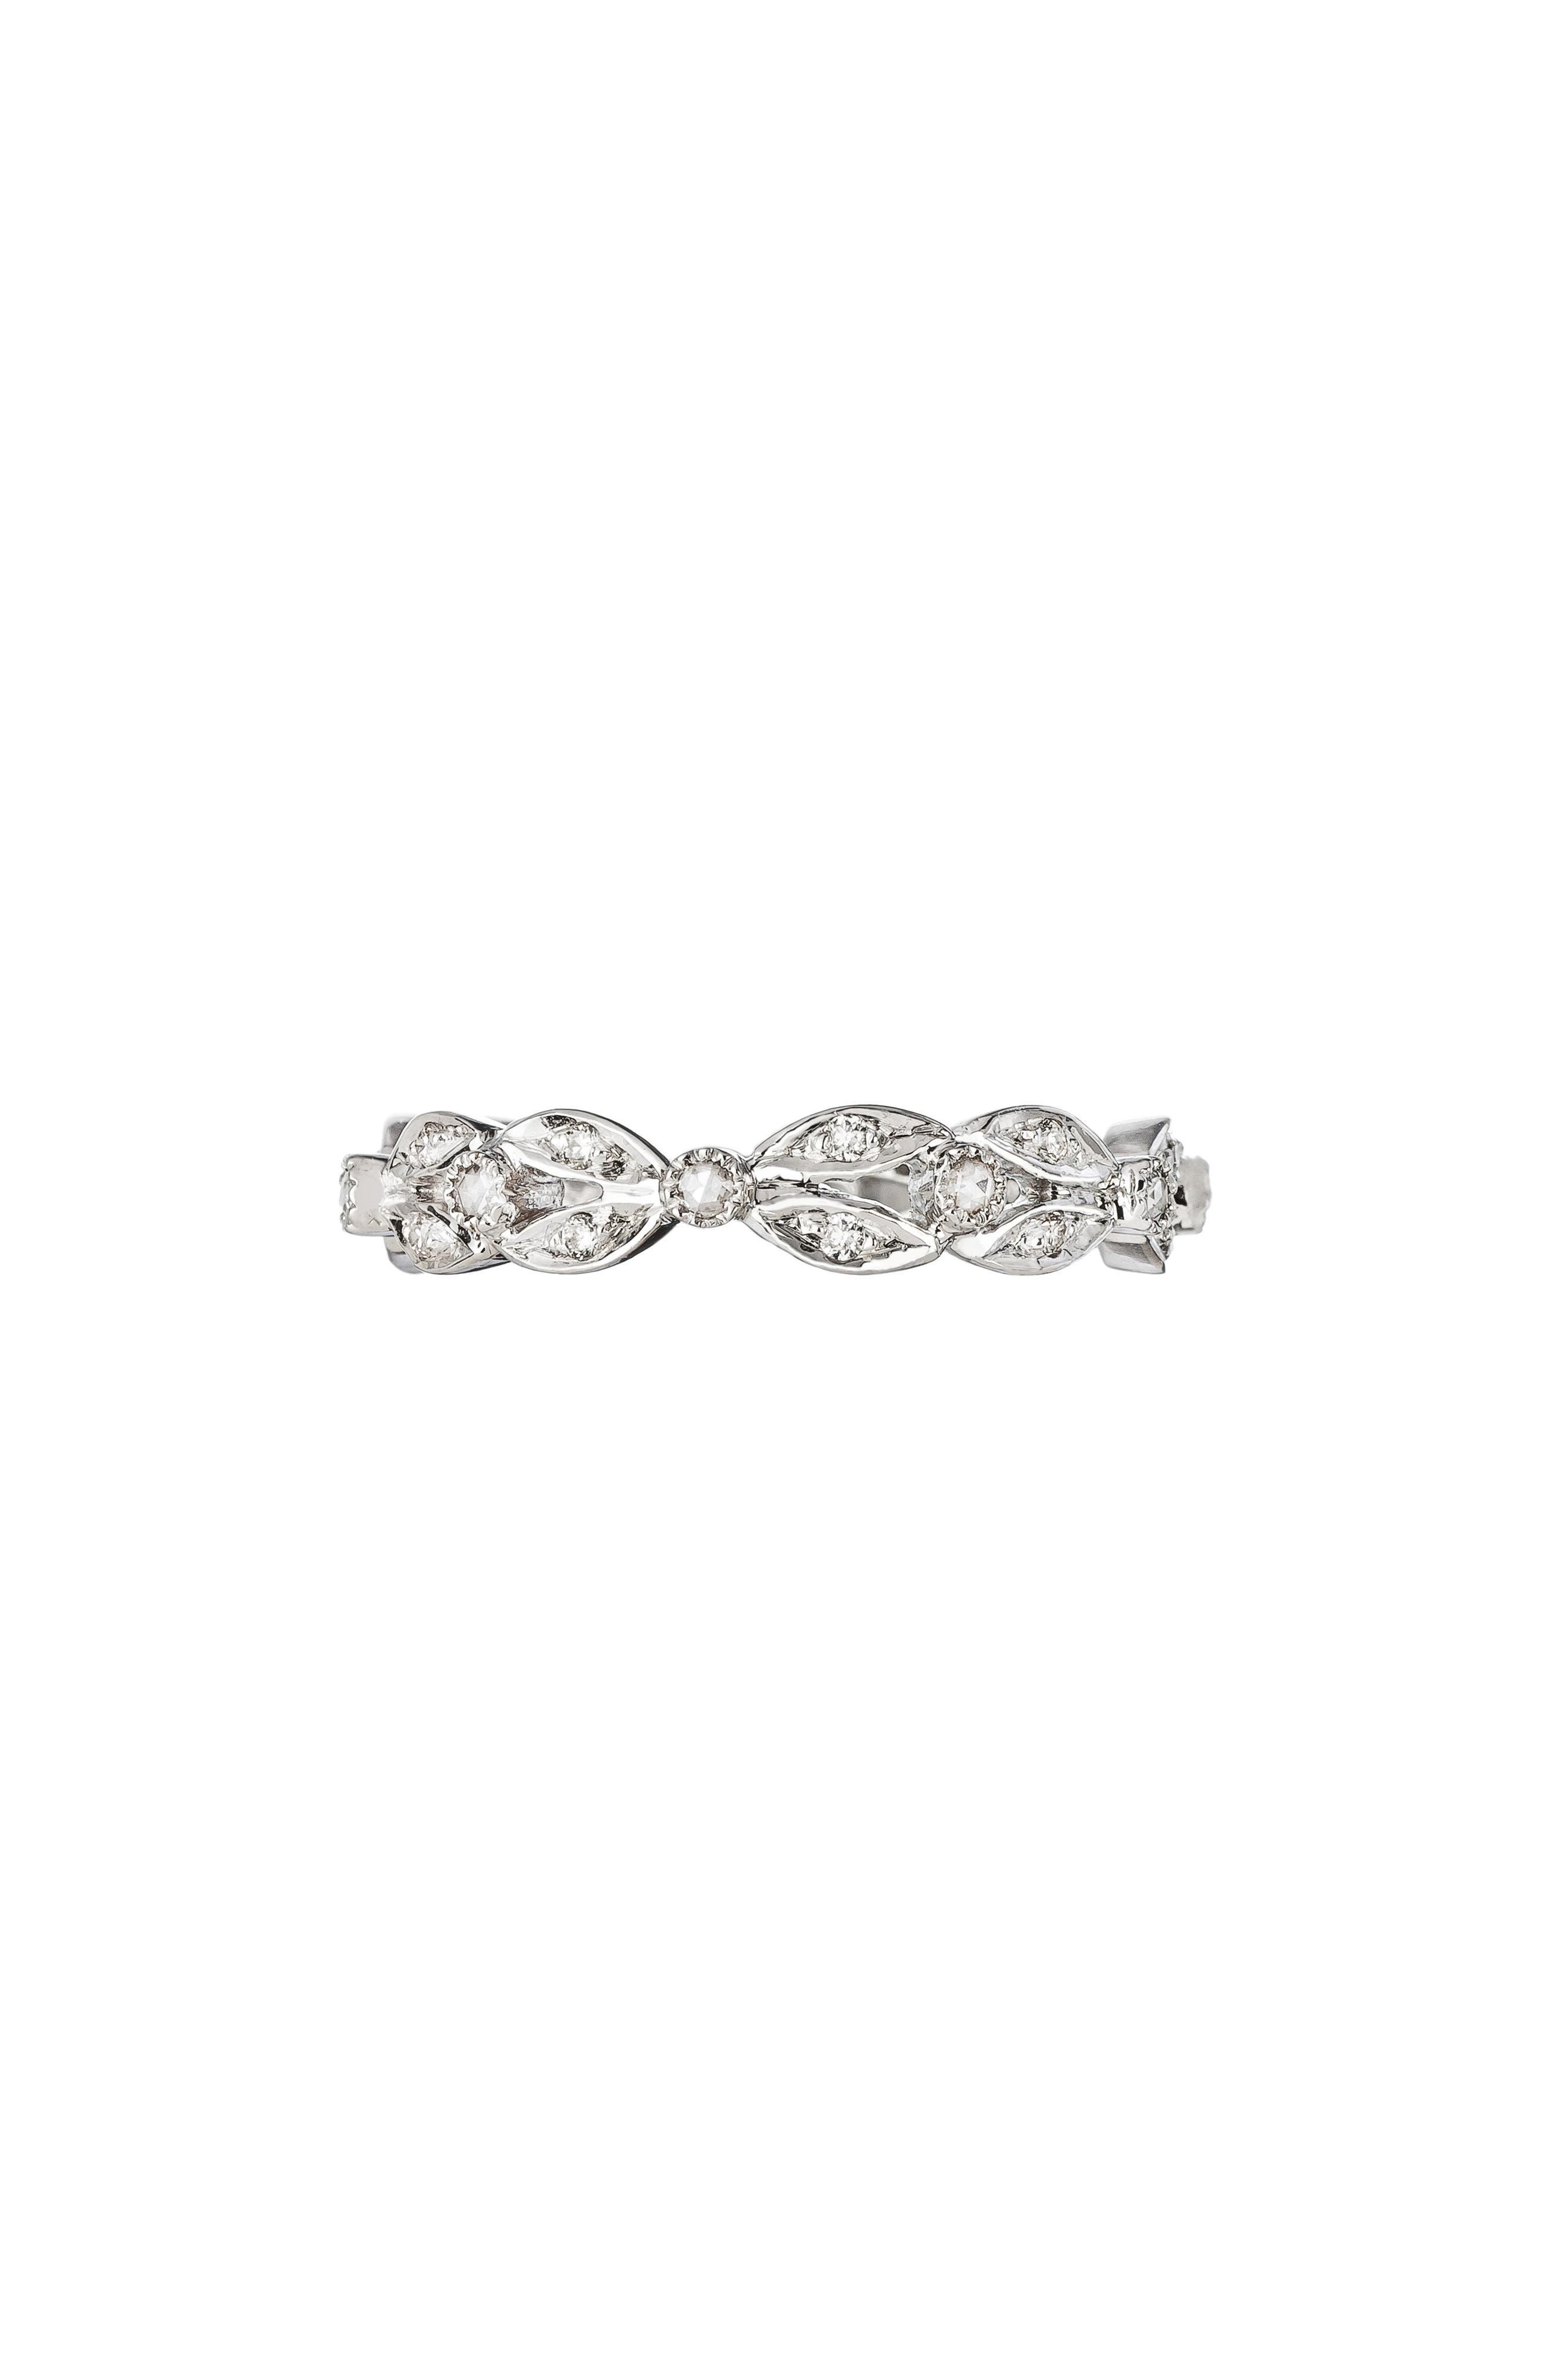 Diamond Garland Band Ring,                             Main thumbnail 1, color,                             WHITE GOLD